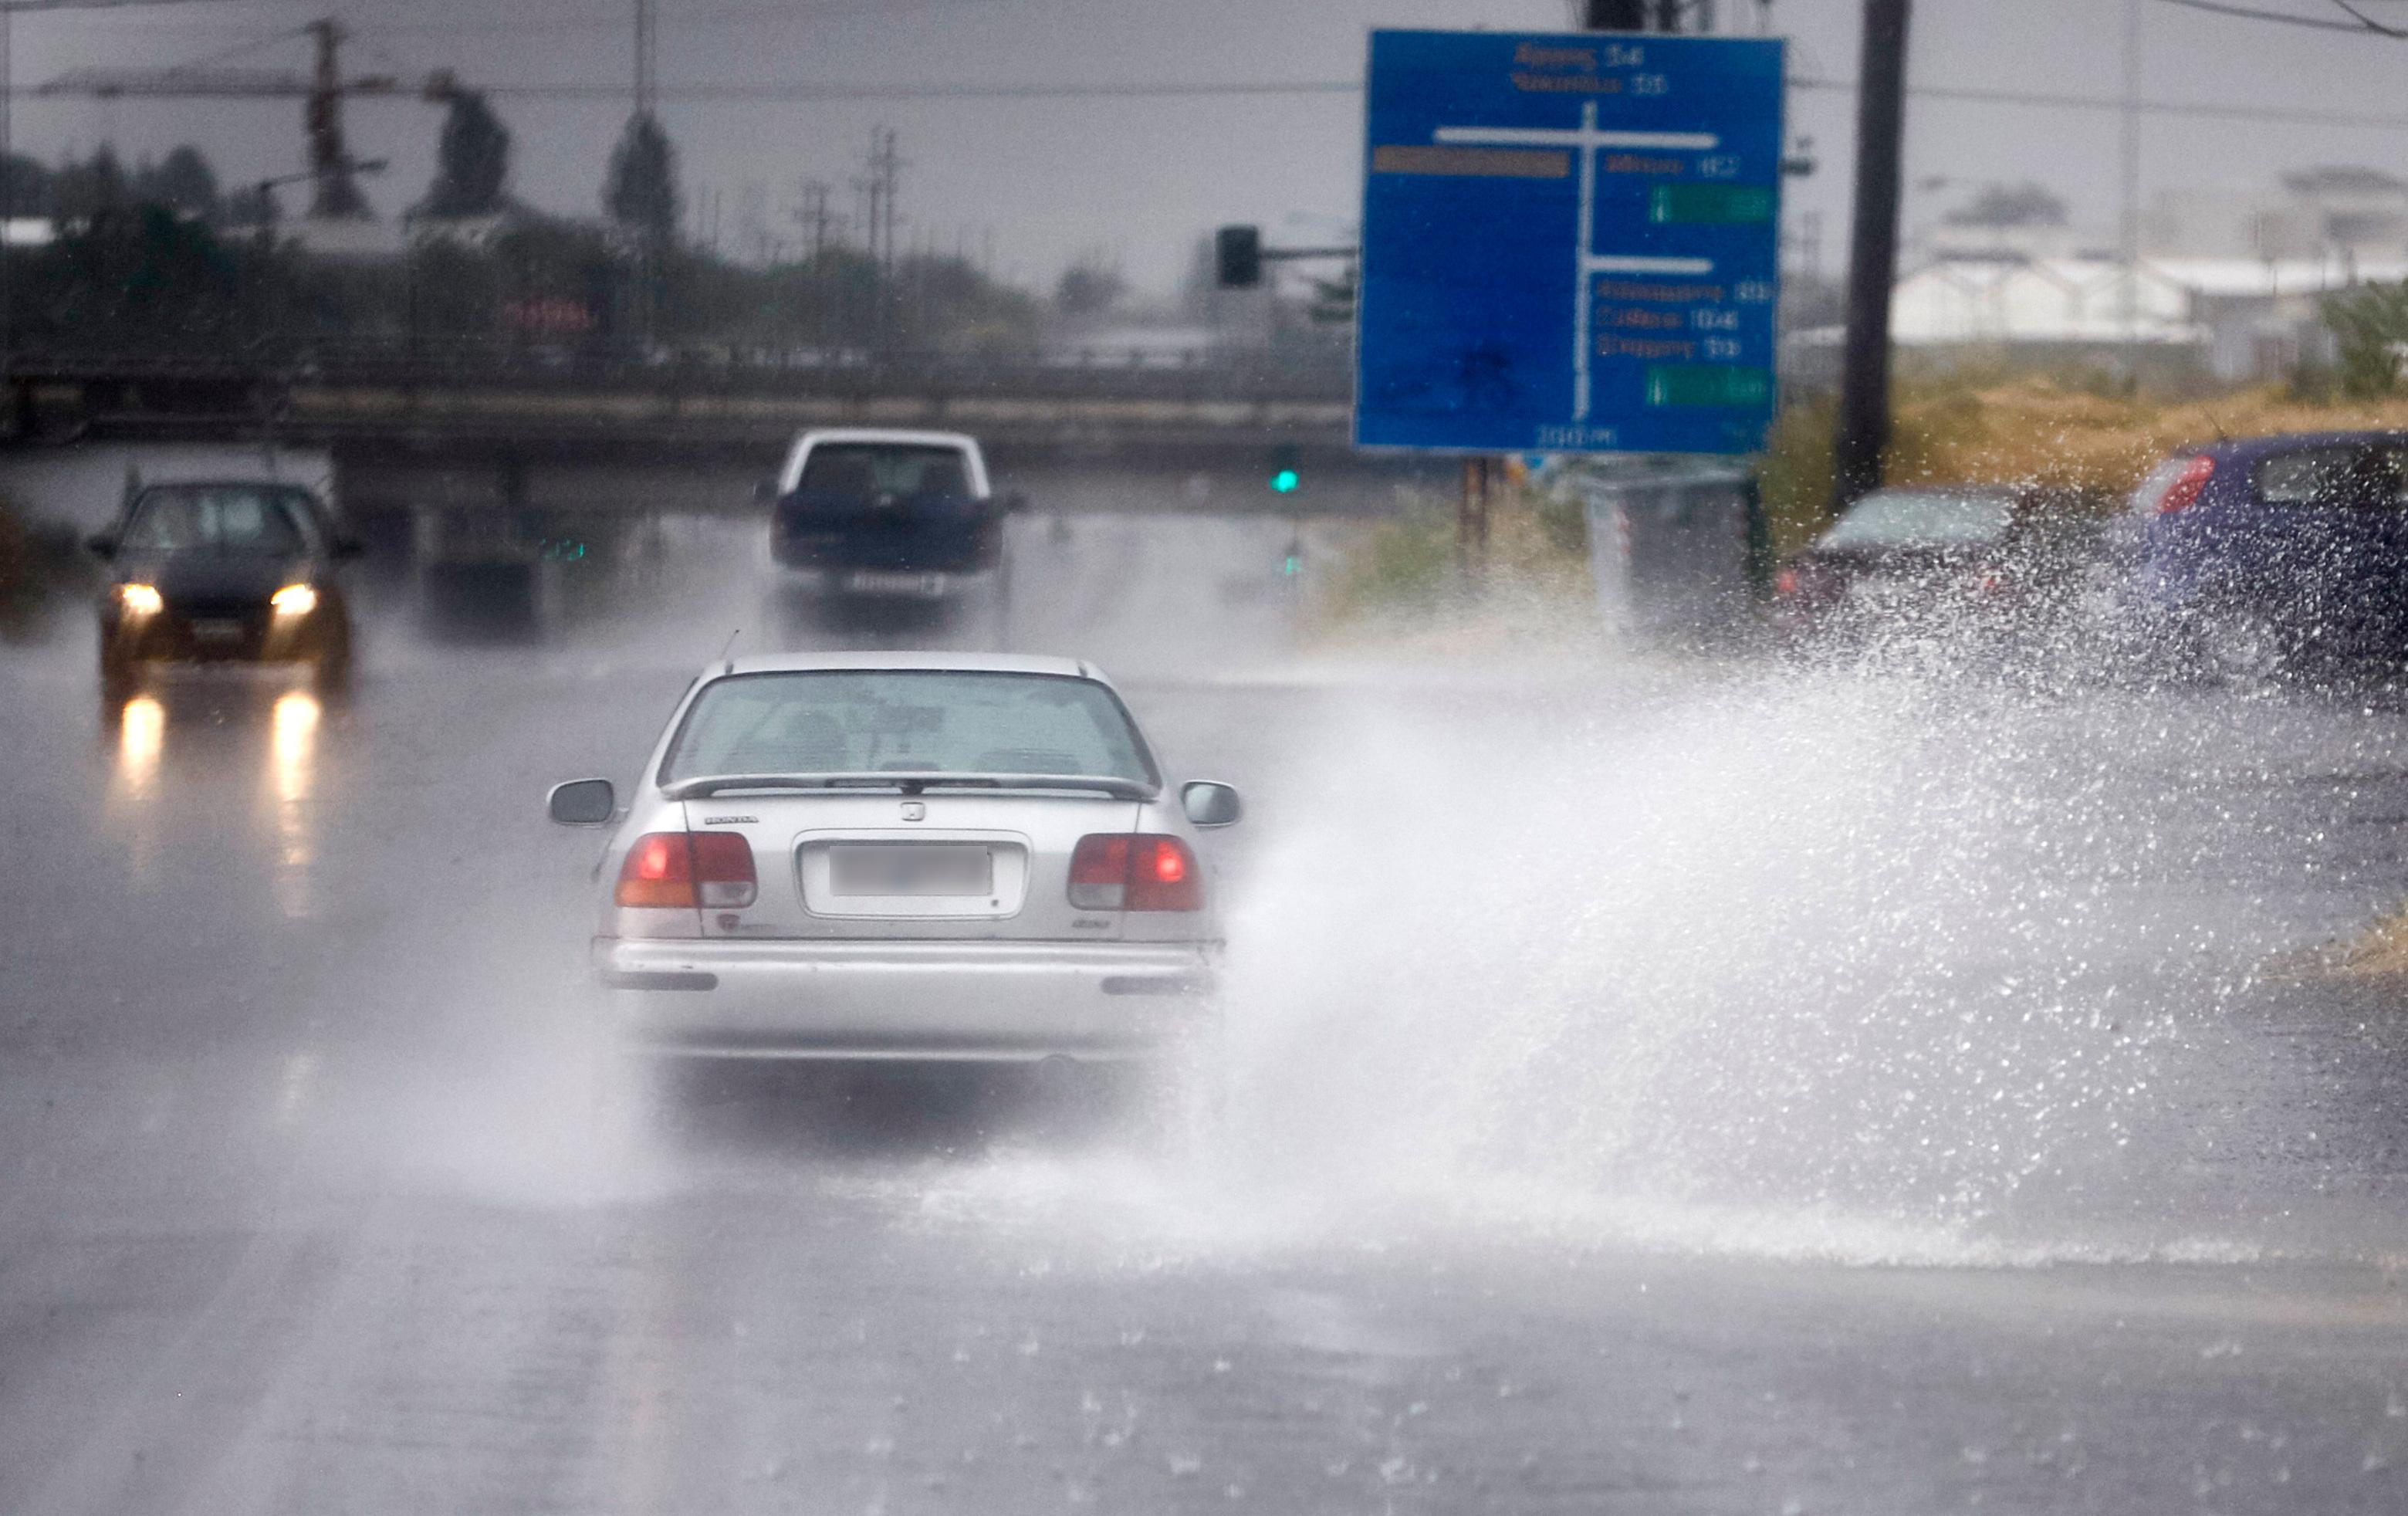 Καιρός αύριο: Έρχονται βροχές και καταιγίδες – Πού θα χτυπήσει η κακοκαιρία